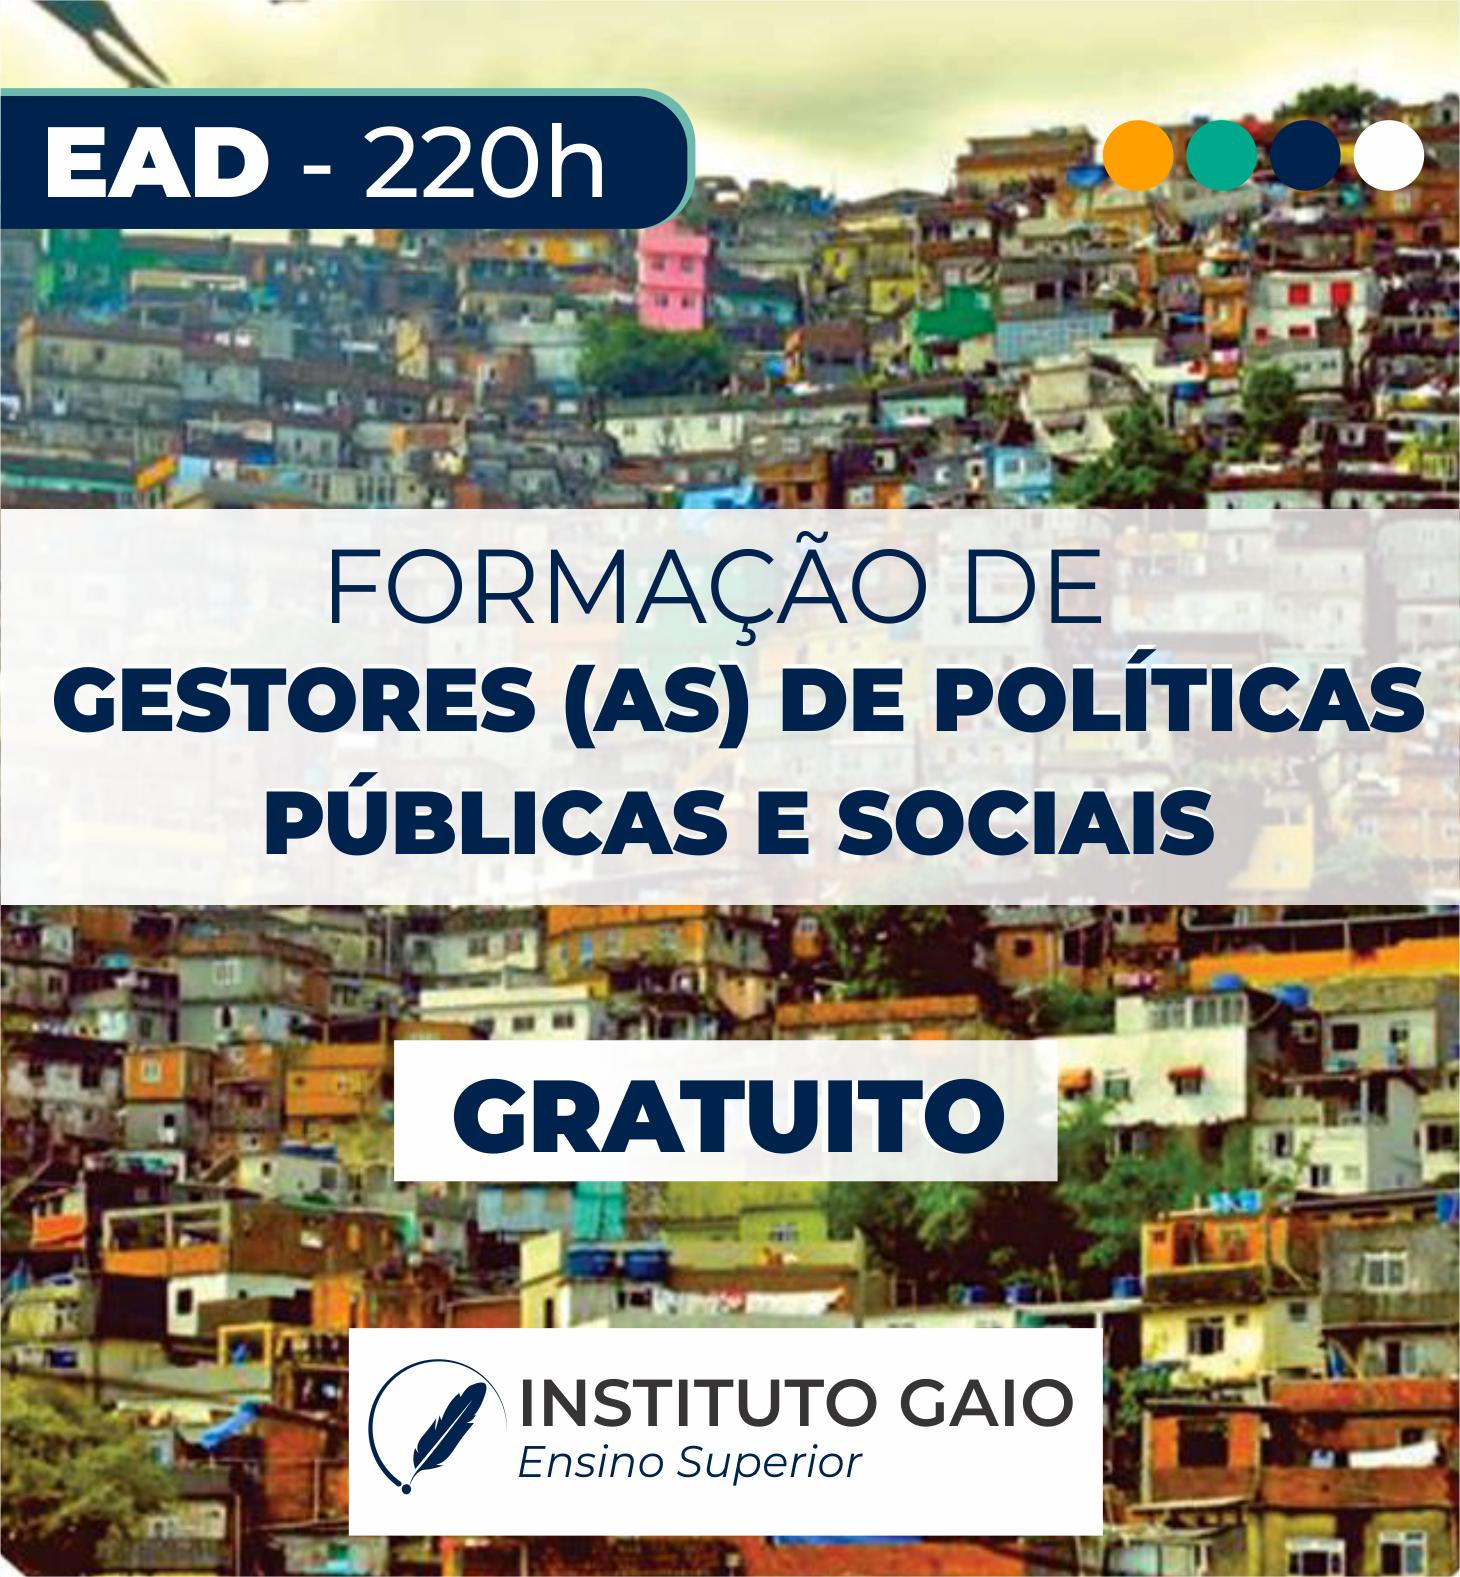 FORMAÇÃO DE GESTORES (AS) DE POLÍTICAS PÚBLICAS E SOCIAIS – 220h – EAD